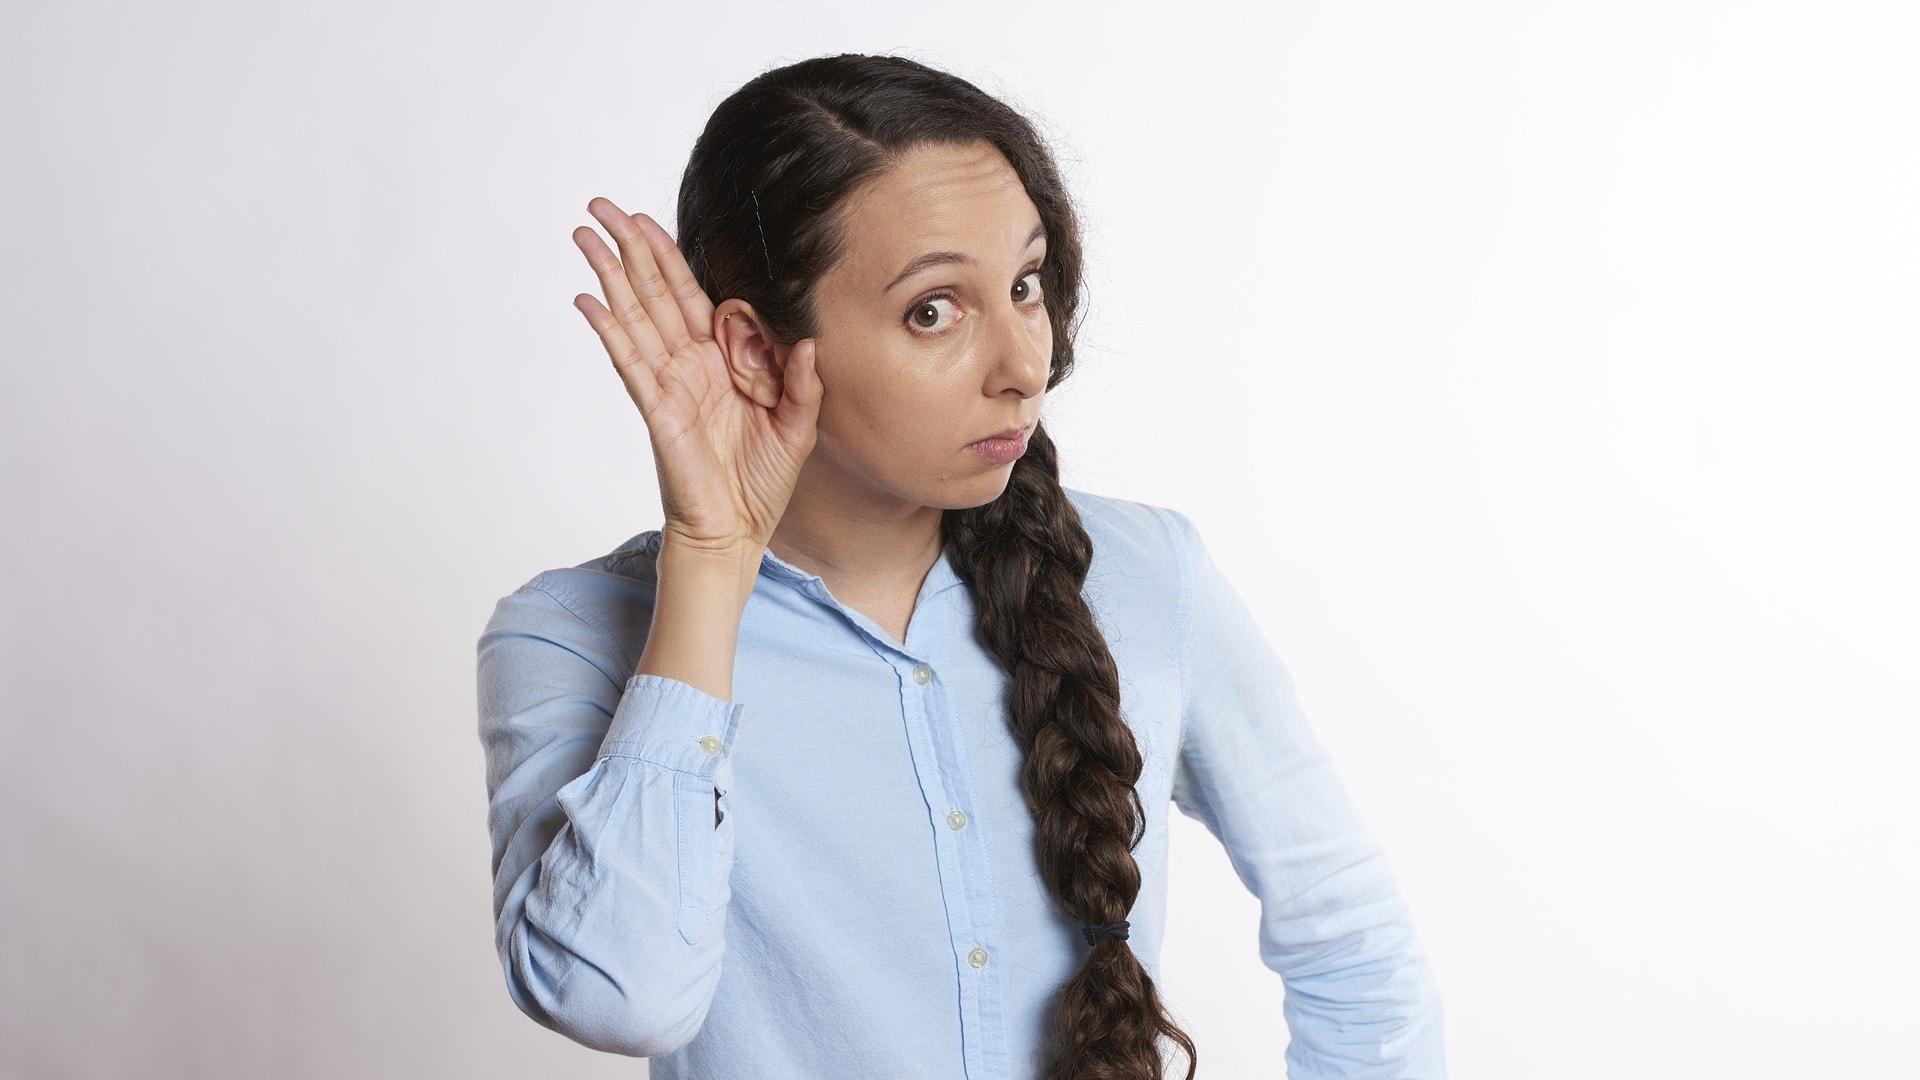 Взрослые обогнали детей по количеству услышанных иллюзорных звуков